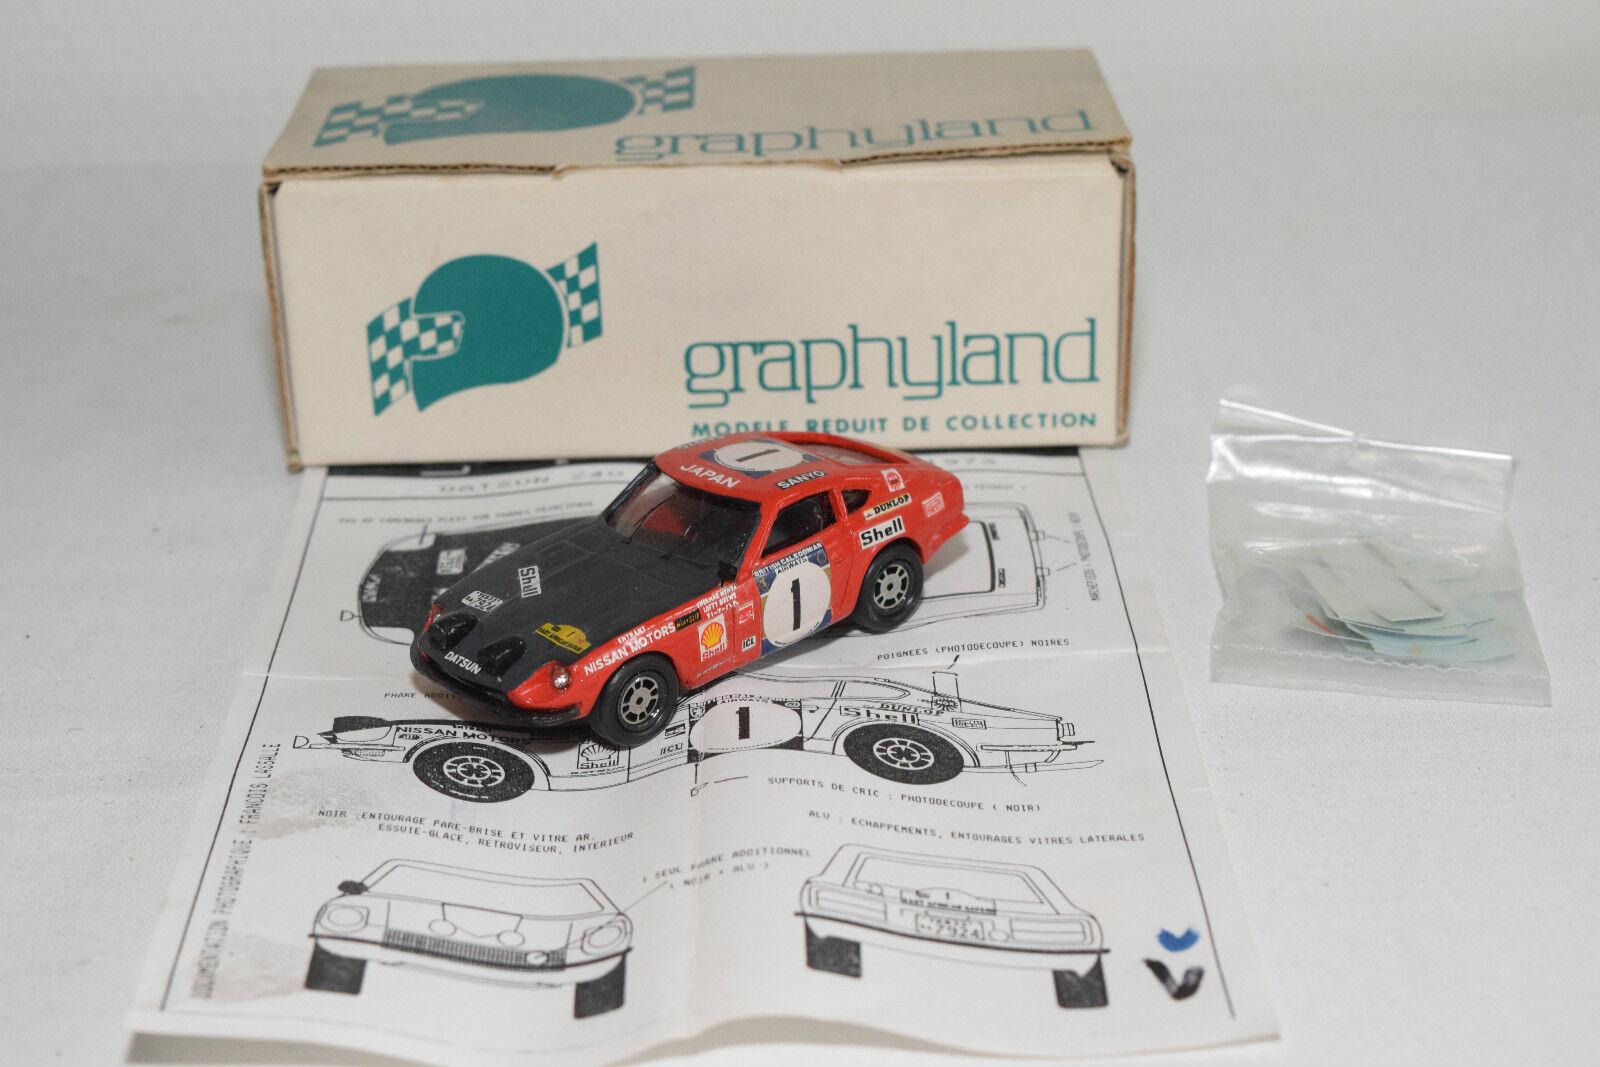 GRAPHYLAND KIT DATSUN 240Z 240 Z SAFARI RALLY 1973 1973 1973 RED N MINT BOXED RARE SELTEN 6e1ba1